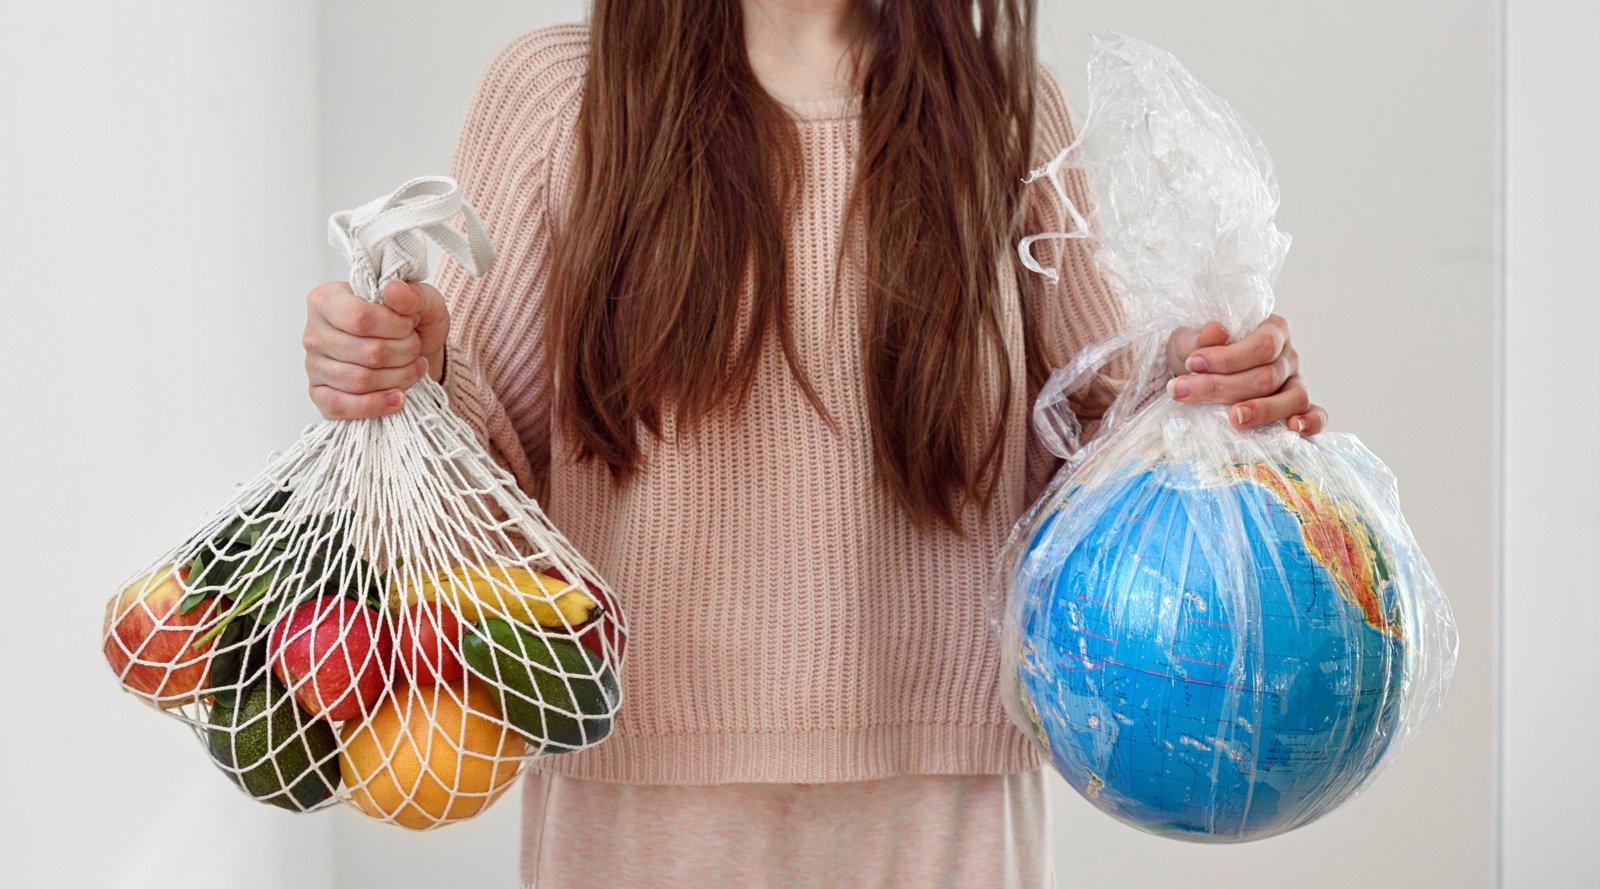 Bus tikrinama, ar prekybininkai ima mokestį už plastiko maišelius